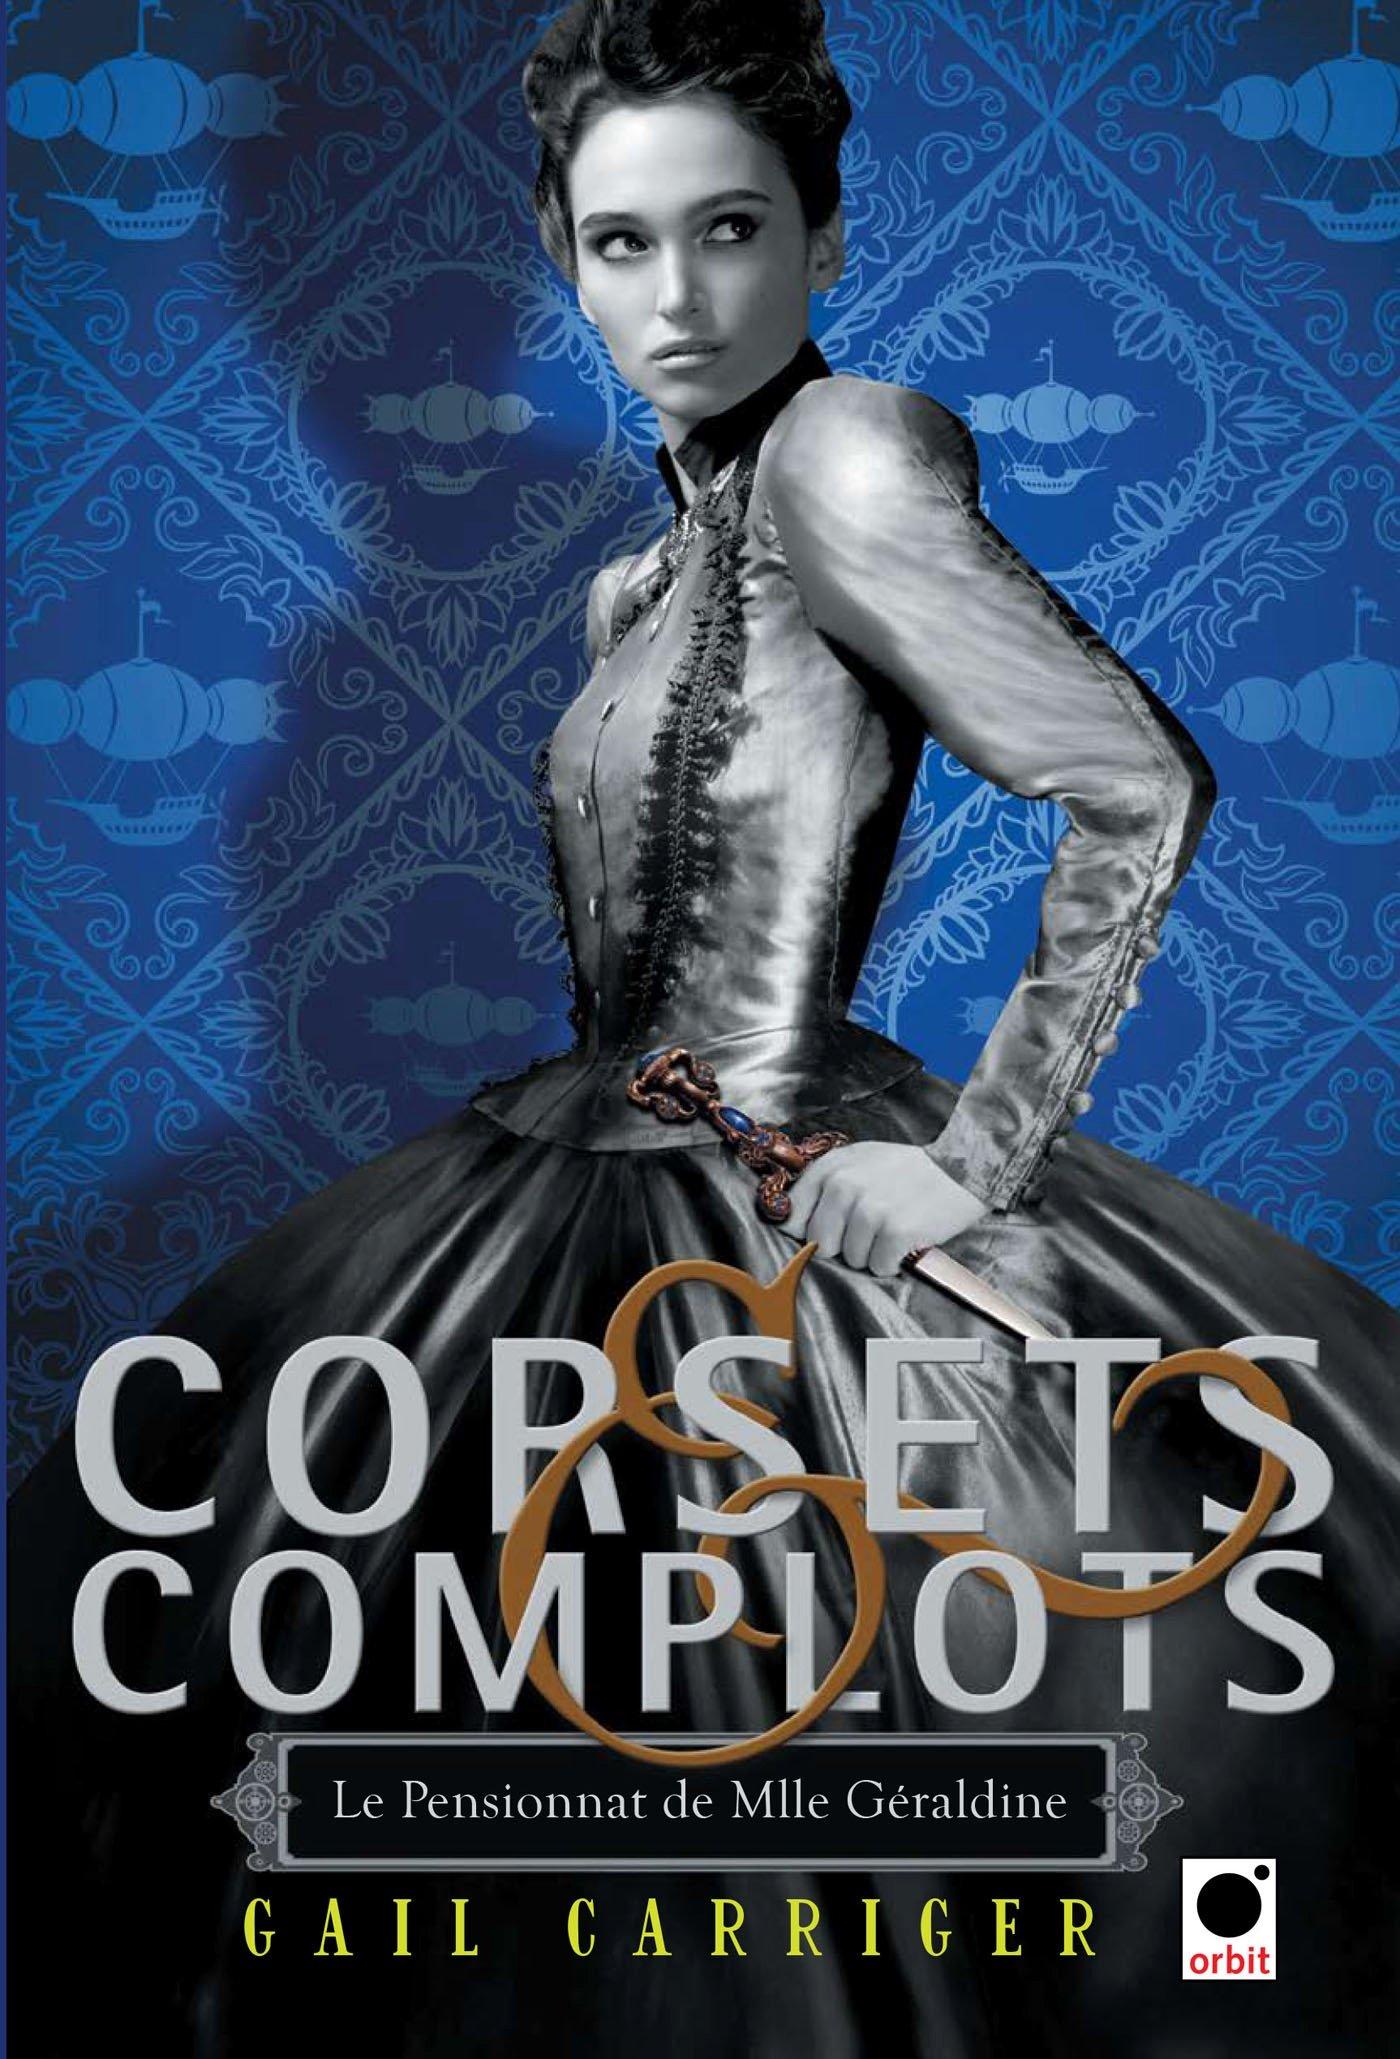 Corsets & complots - Le pensionnat de Mlle Géraldine - Gail Carriger